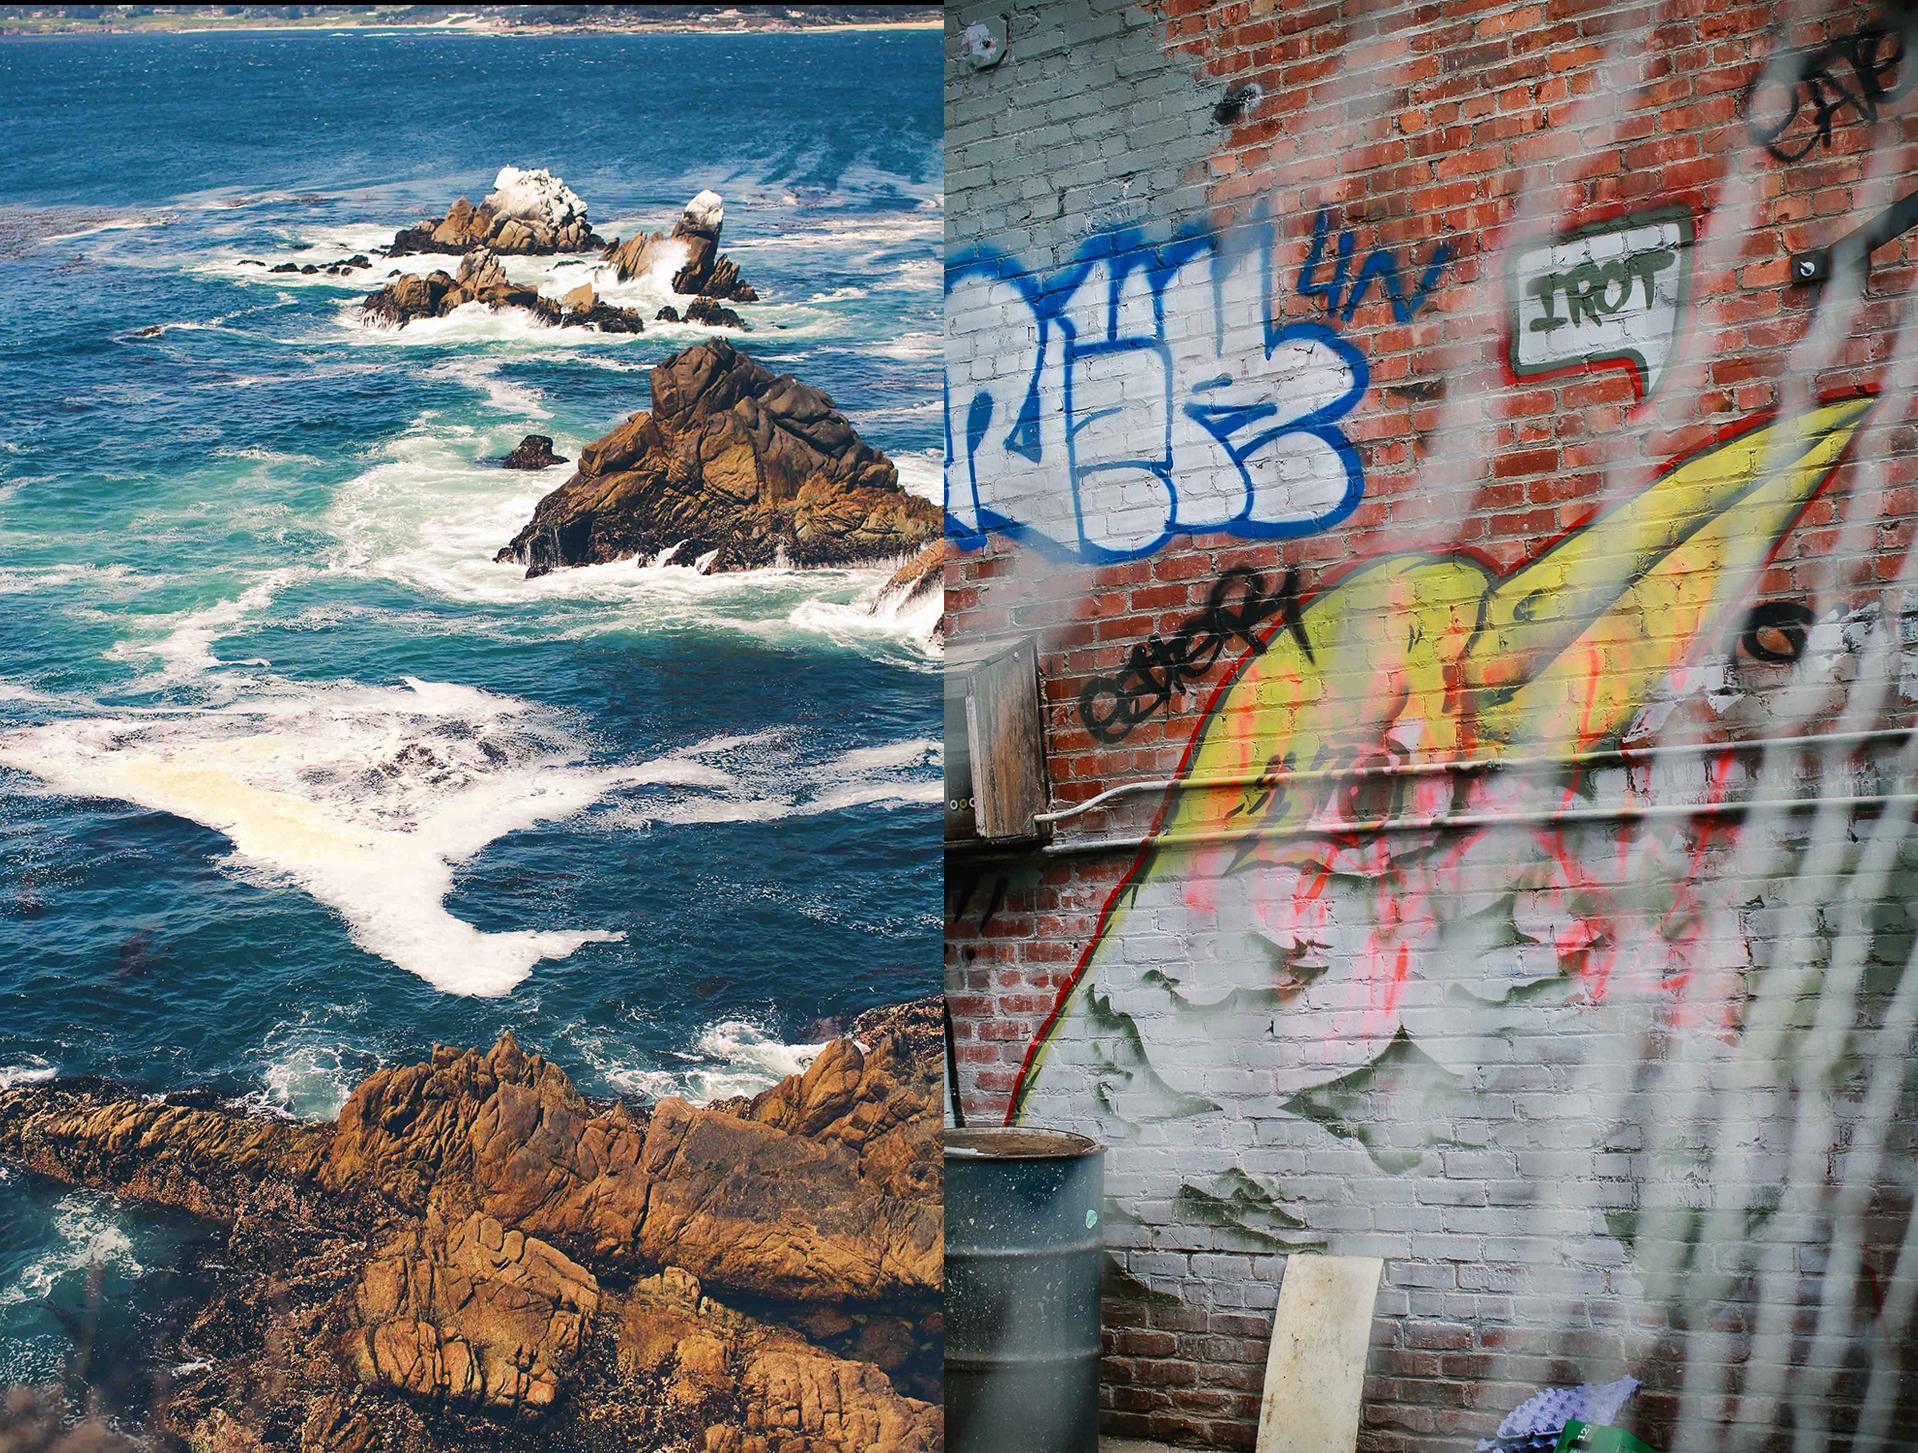 urban and sea scape landscape california bay area pacific coast.jpg